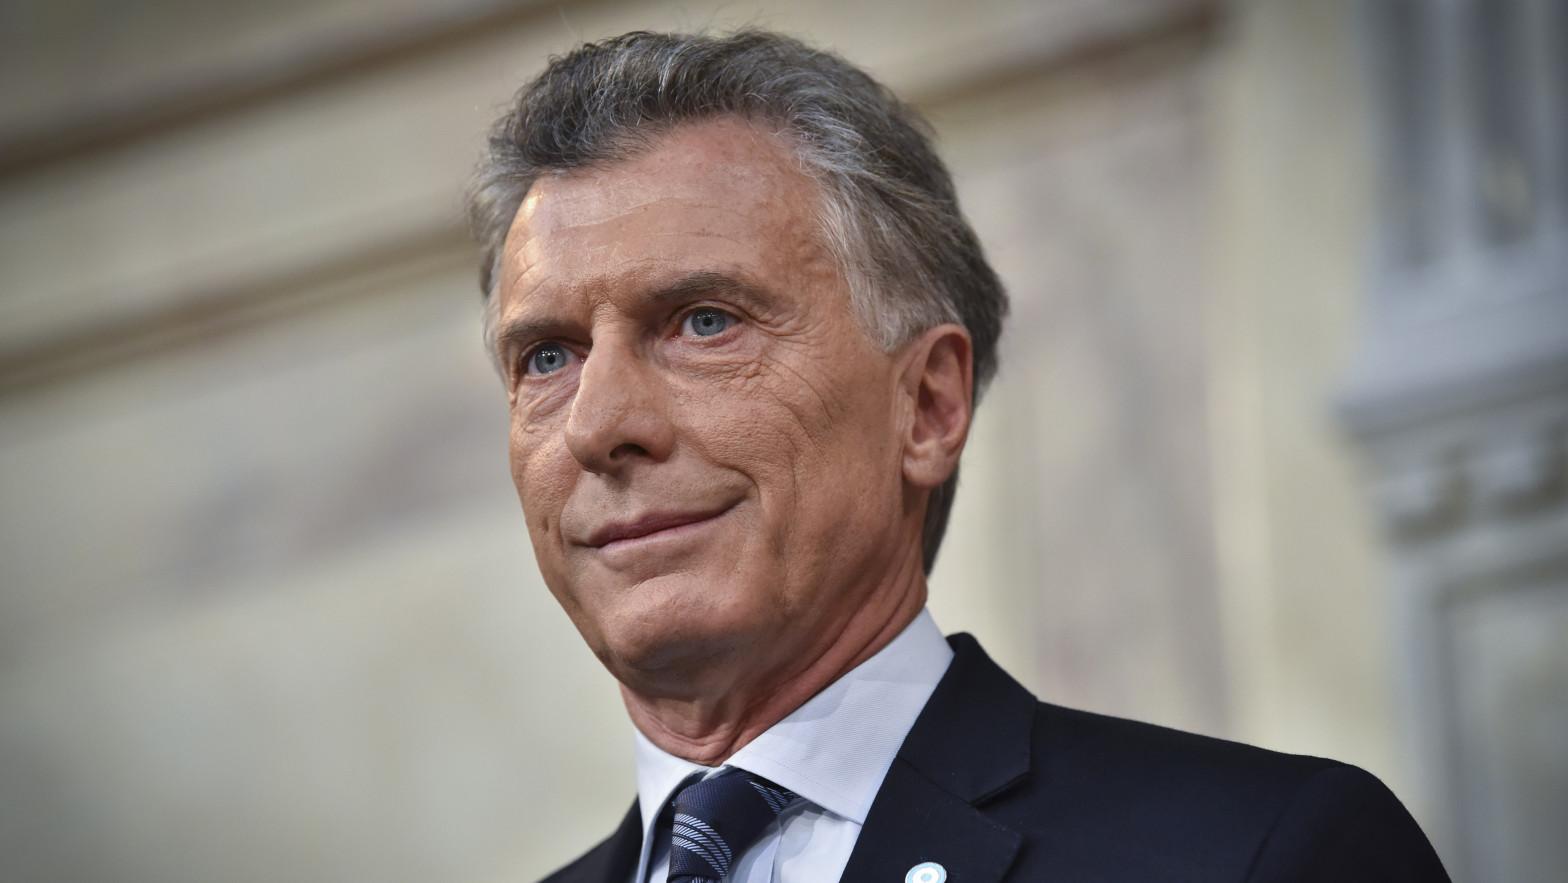 El expresidente argentino Macri, imputado por un delito de enriquecimiento ilícito